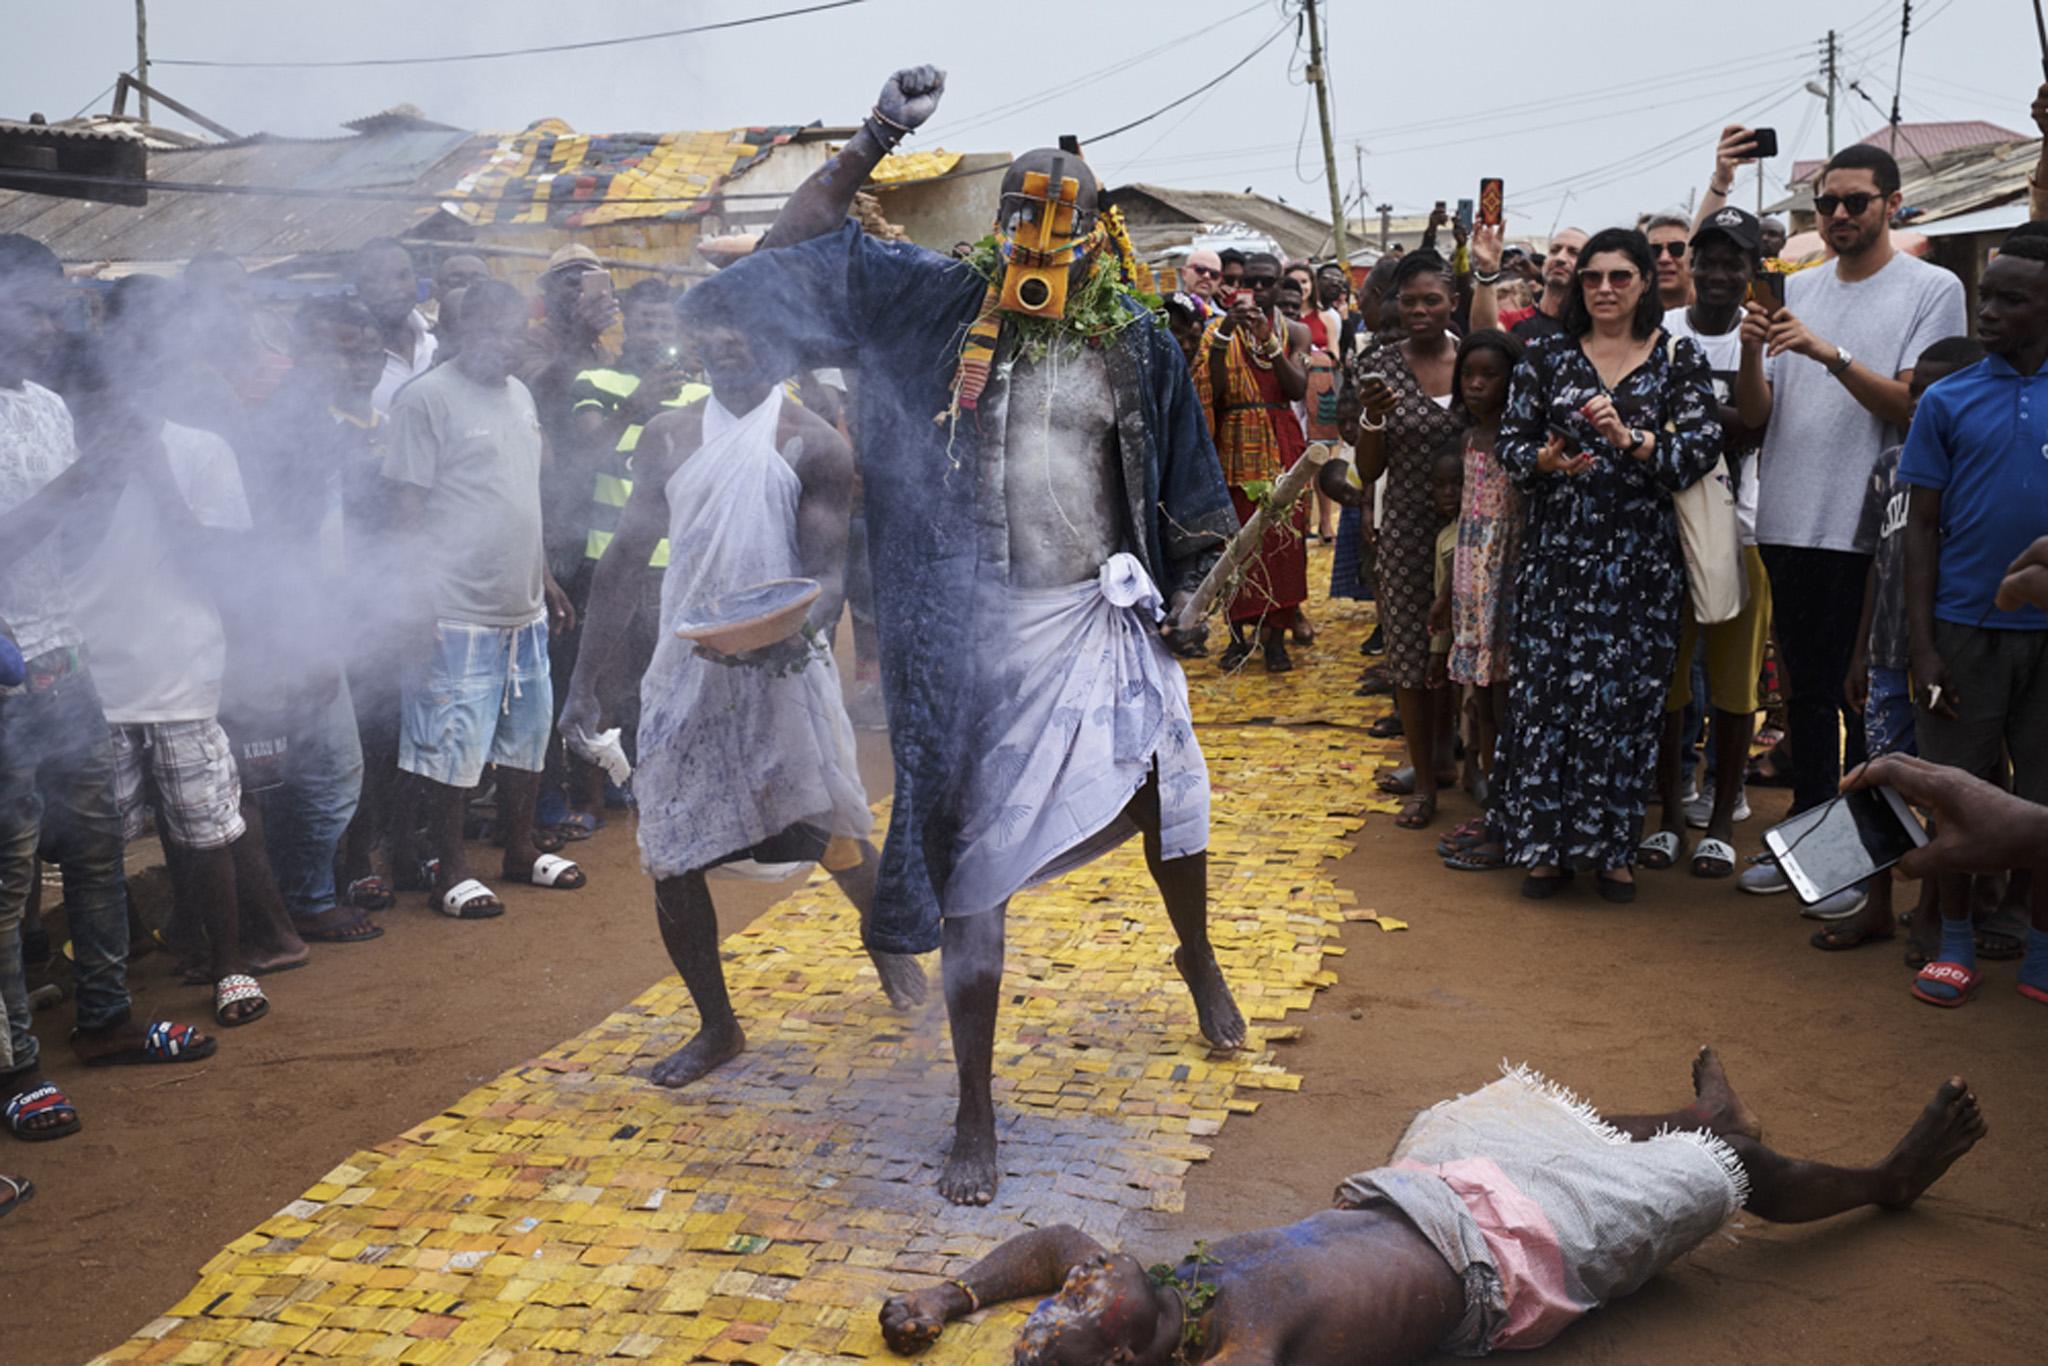 Serge Attukwei Clottey, 360 La, photography Ric Bower